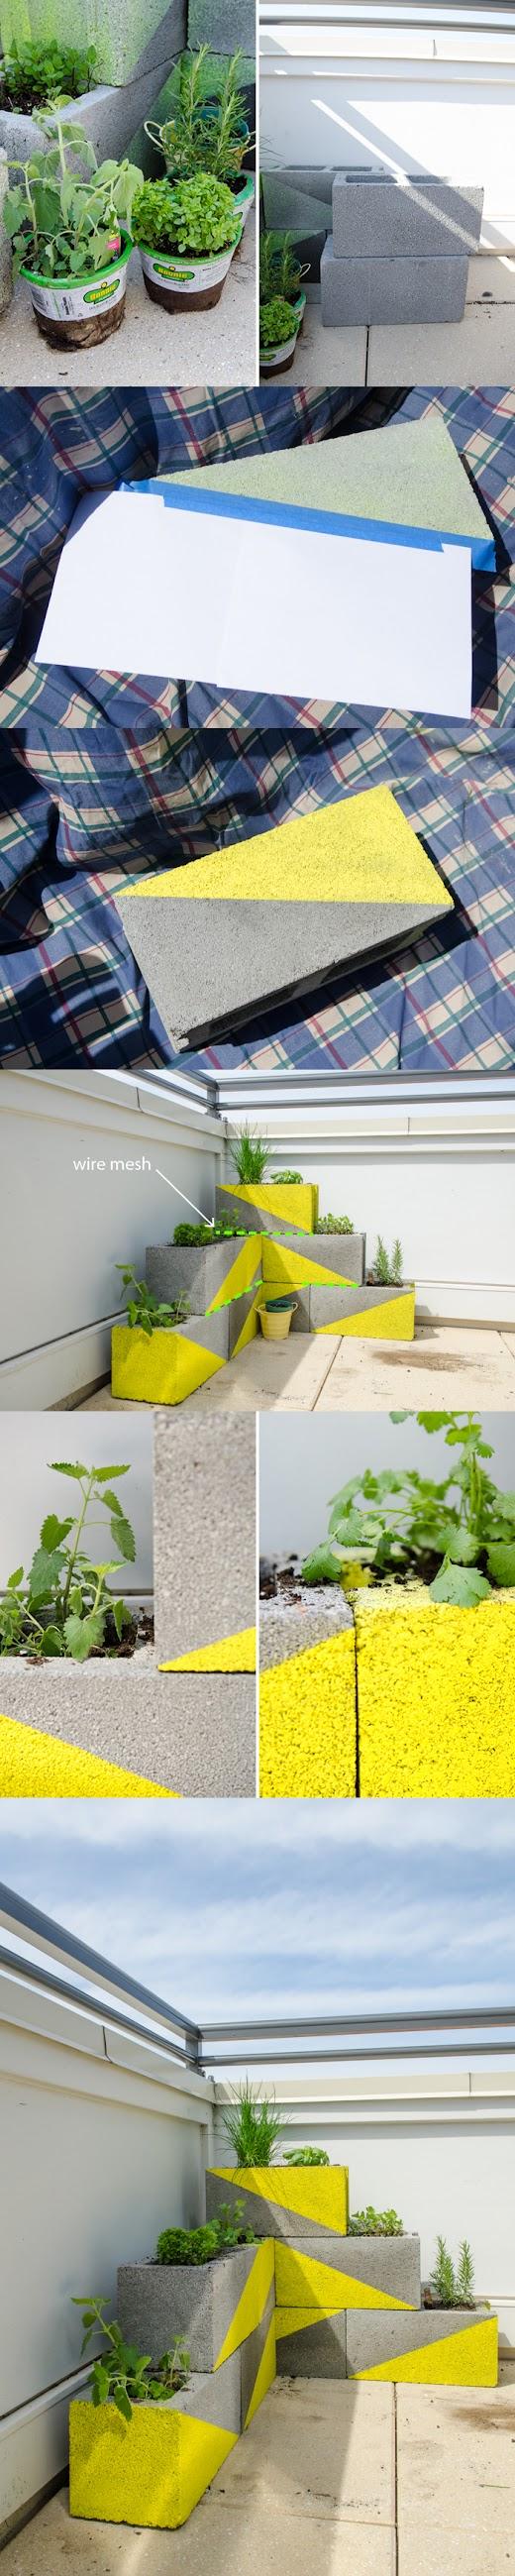 How to peque a jardinera con bloques de hormig n for Jardineras con bloques